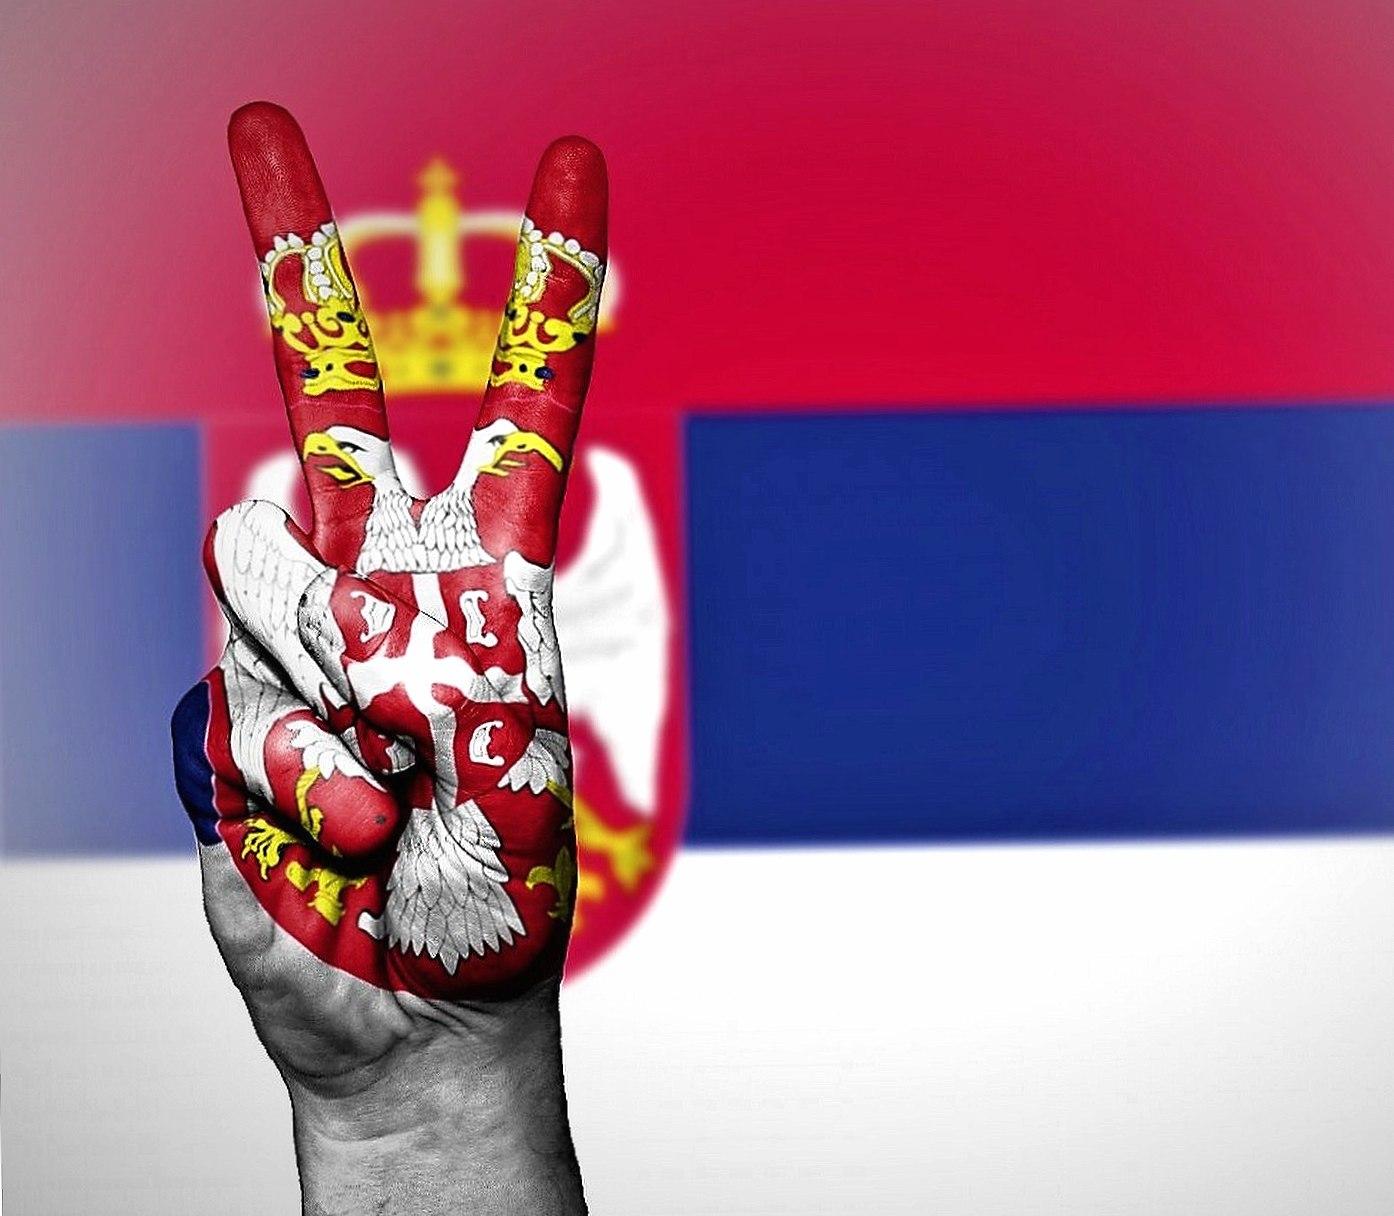 Srbija wallpapers HD quality